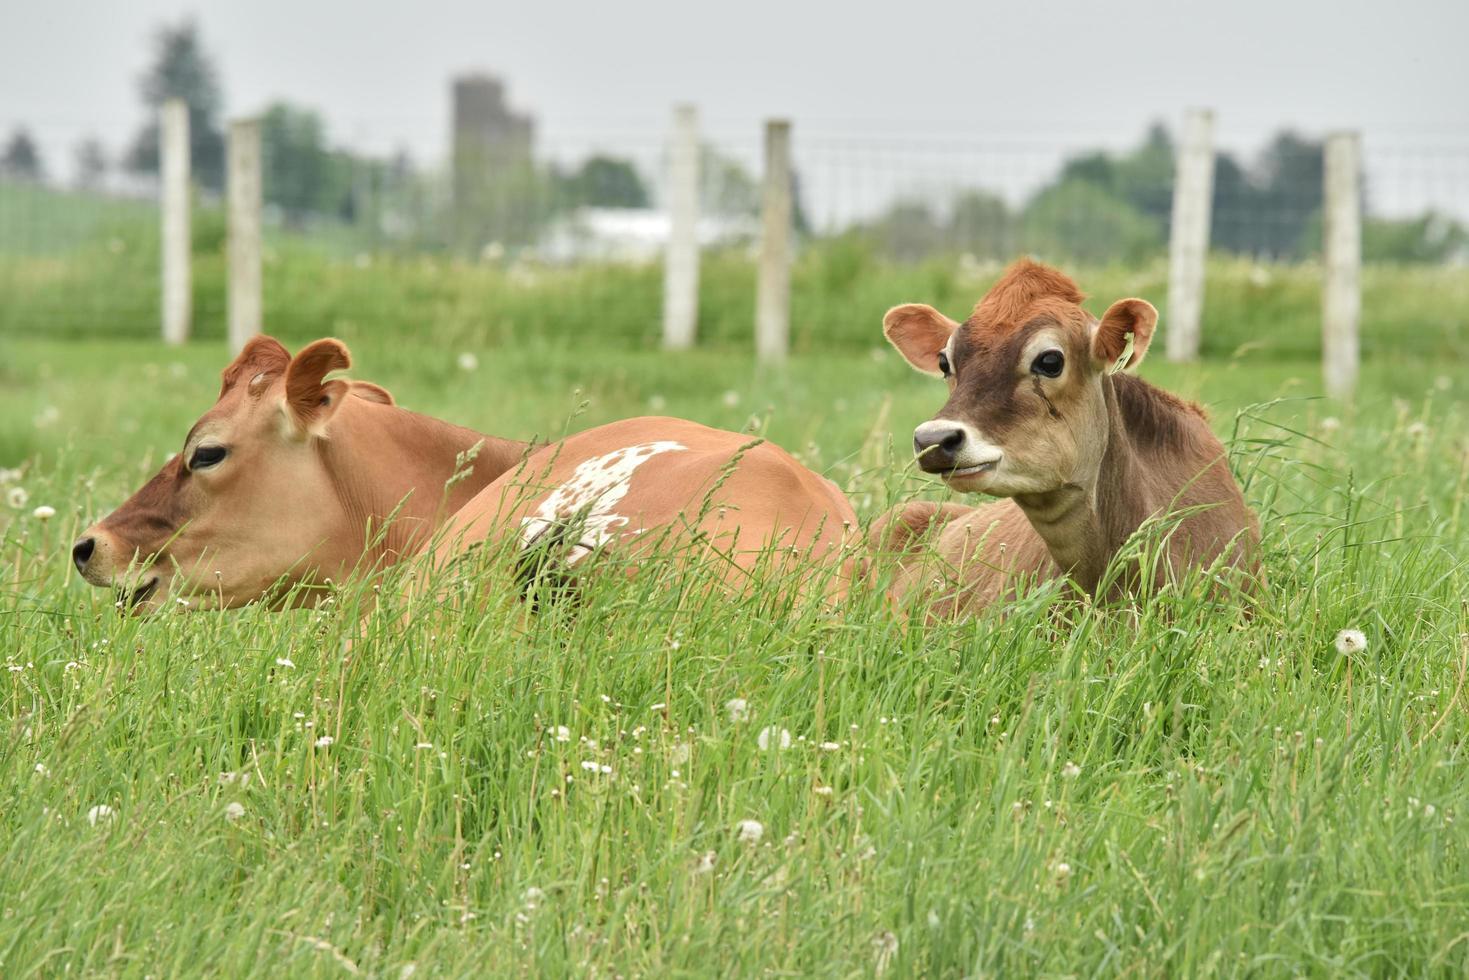 due bovini marroni sul campo di erba verde durante il giorno foto